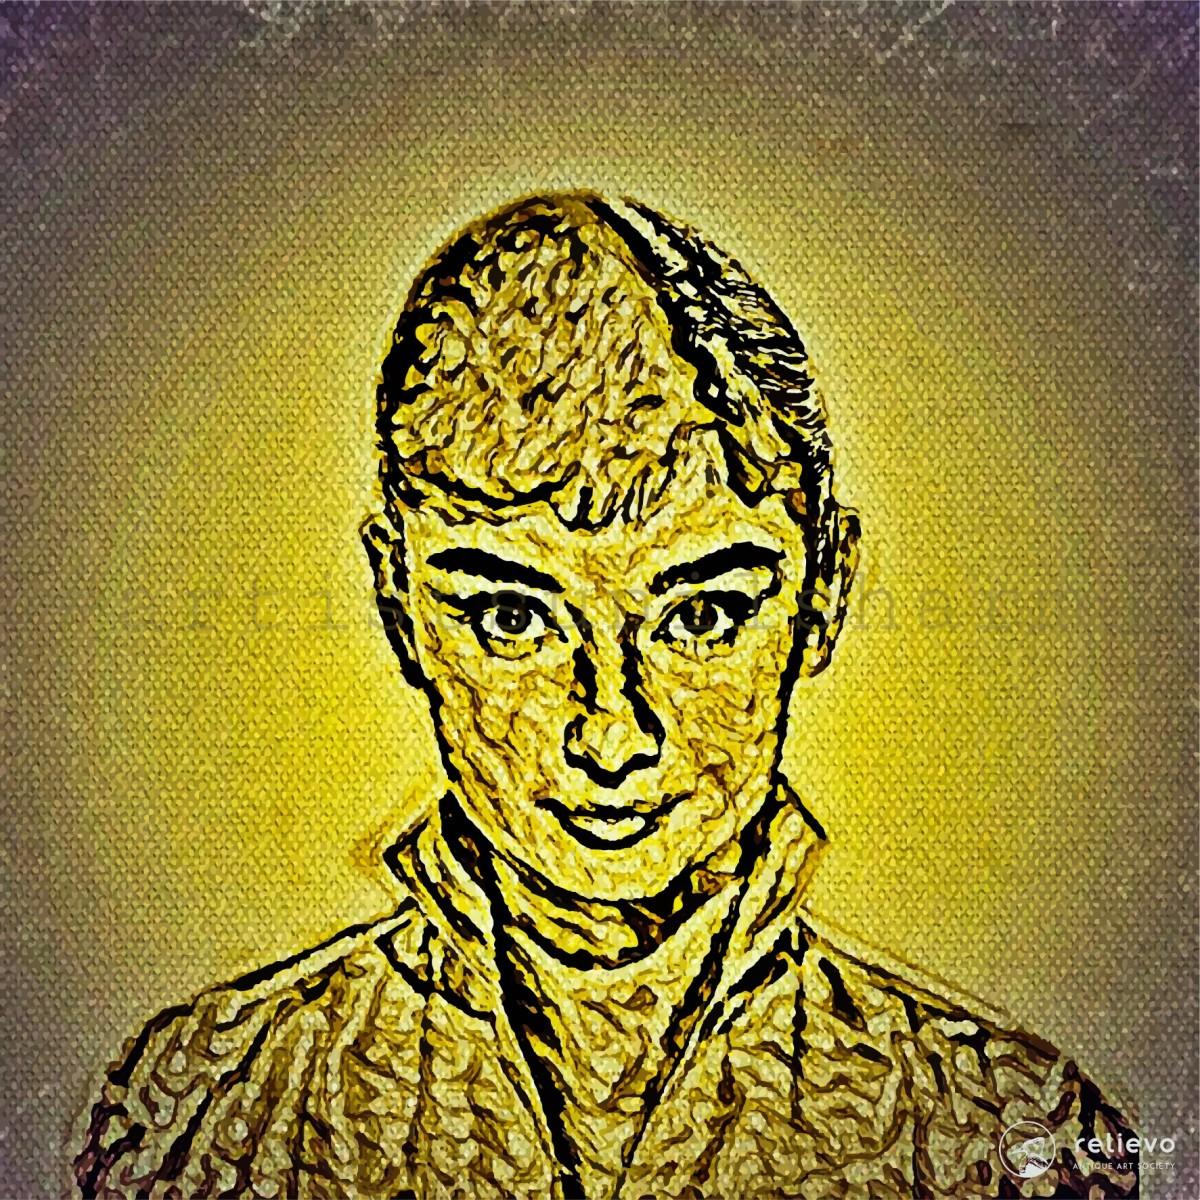 Audrey Hepburn | 24 X24″